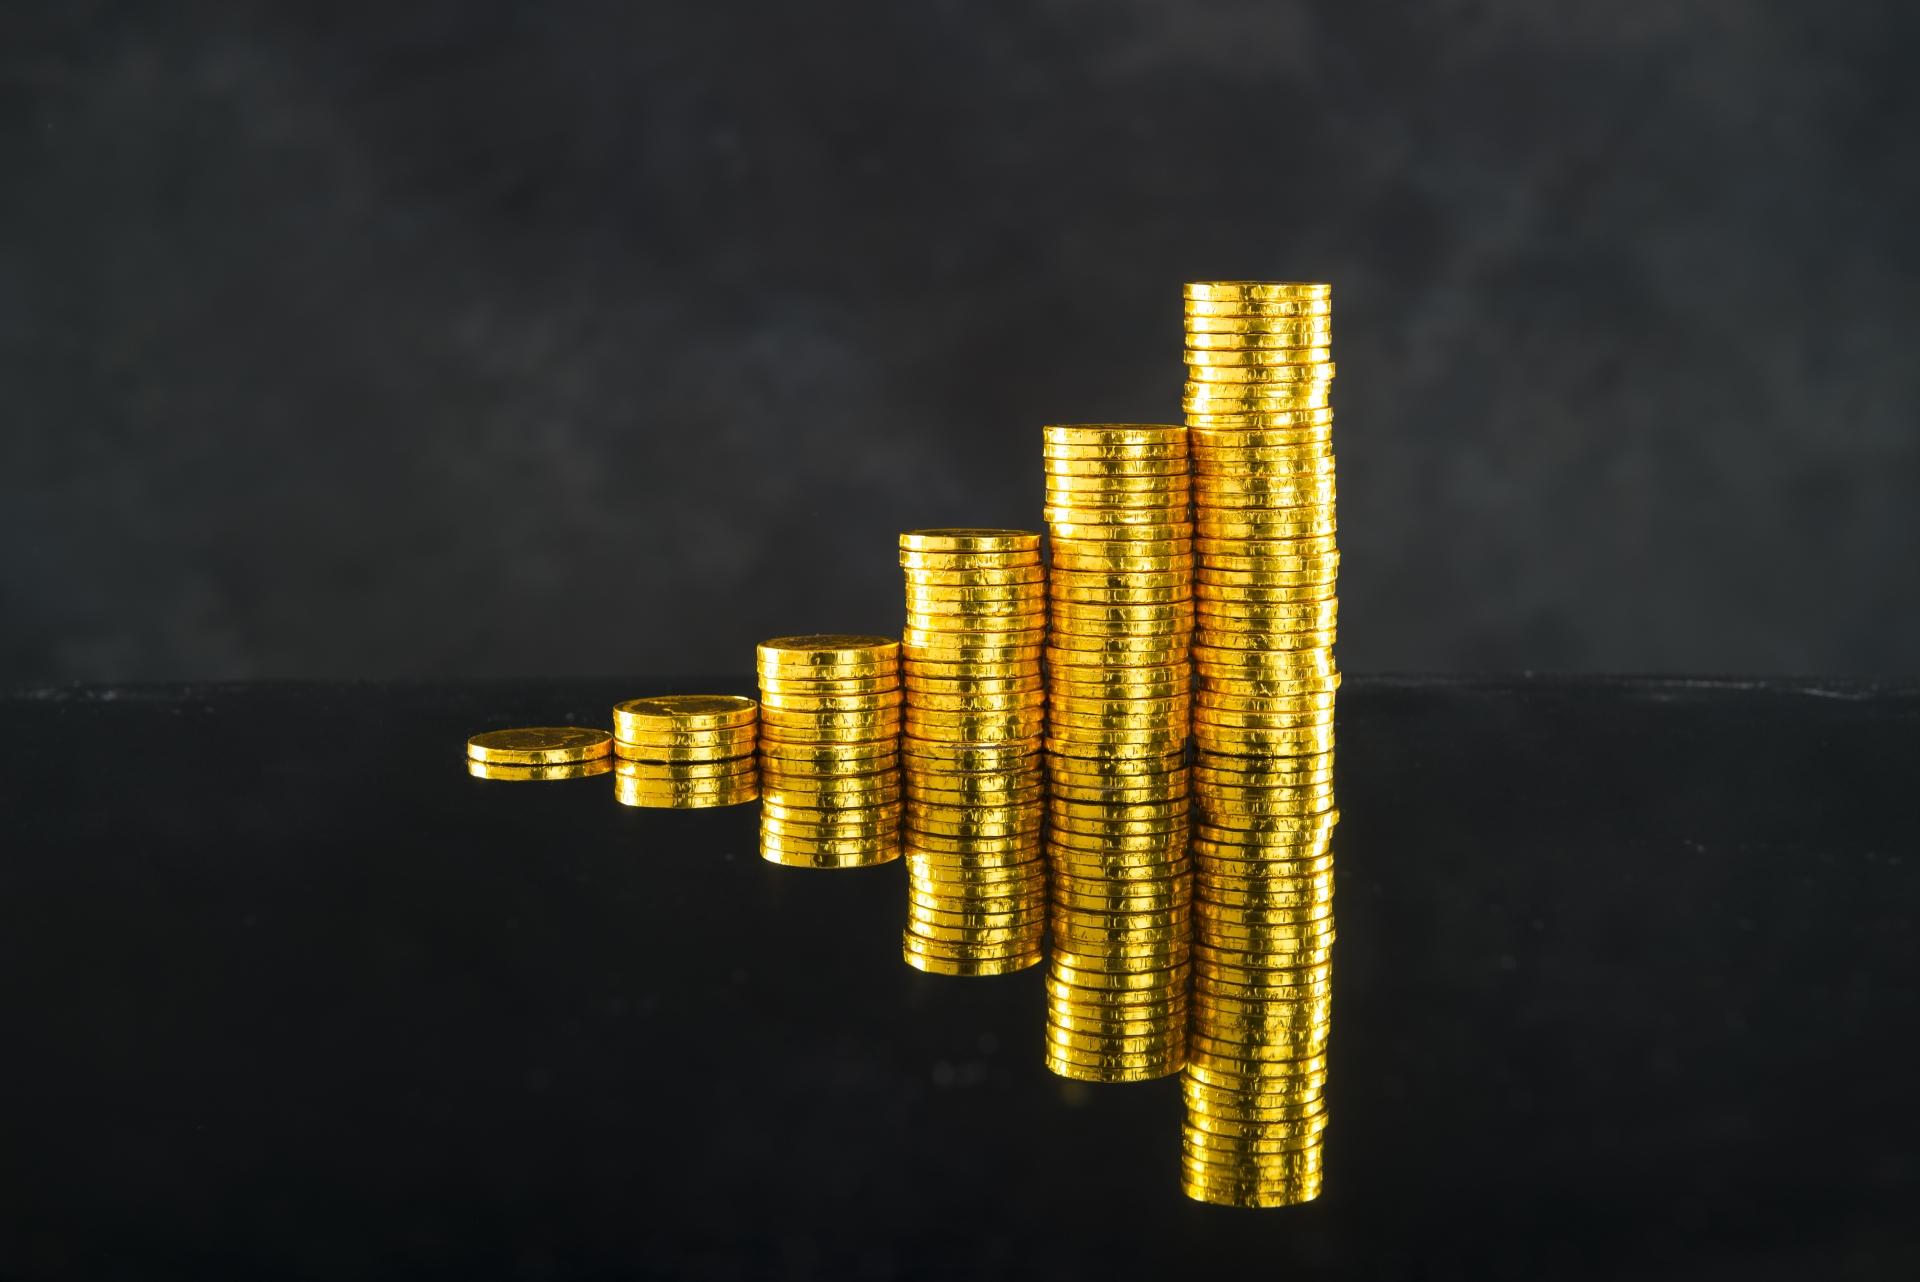 長期投資で複利の力を借りて、配当金は再投資へ入れよう